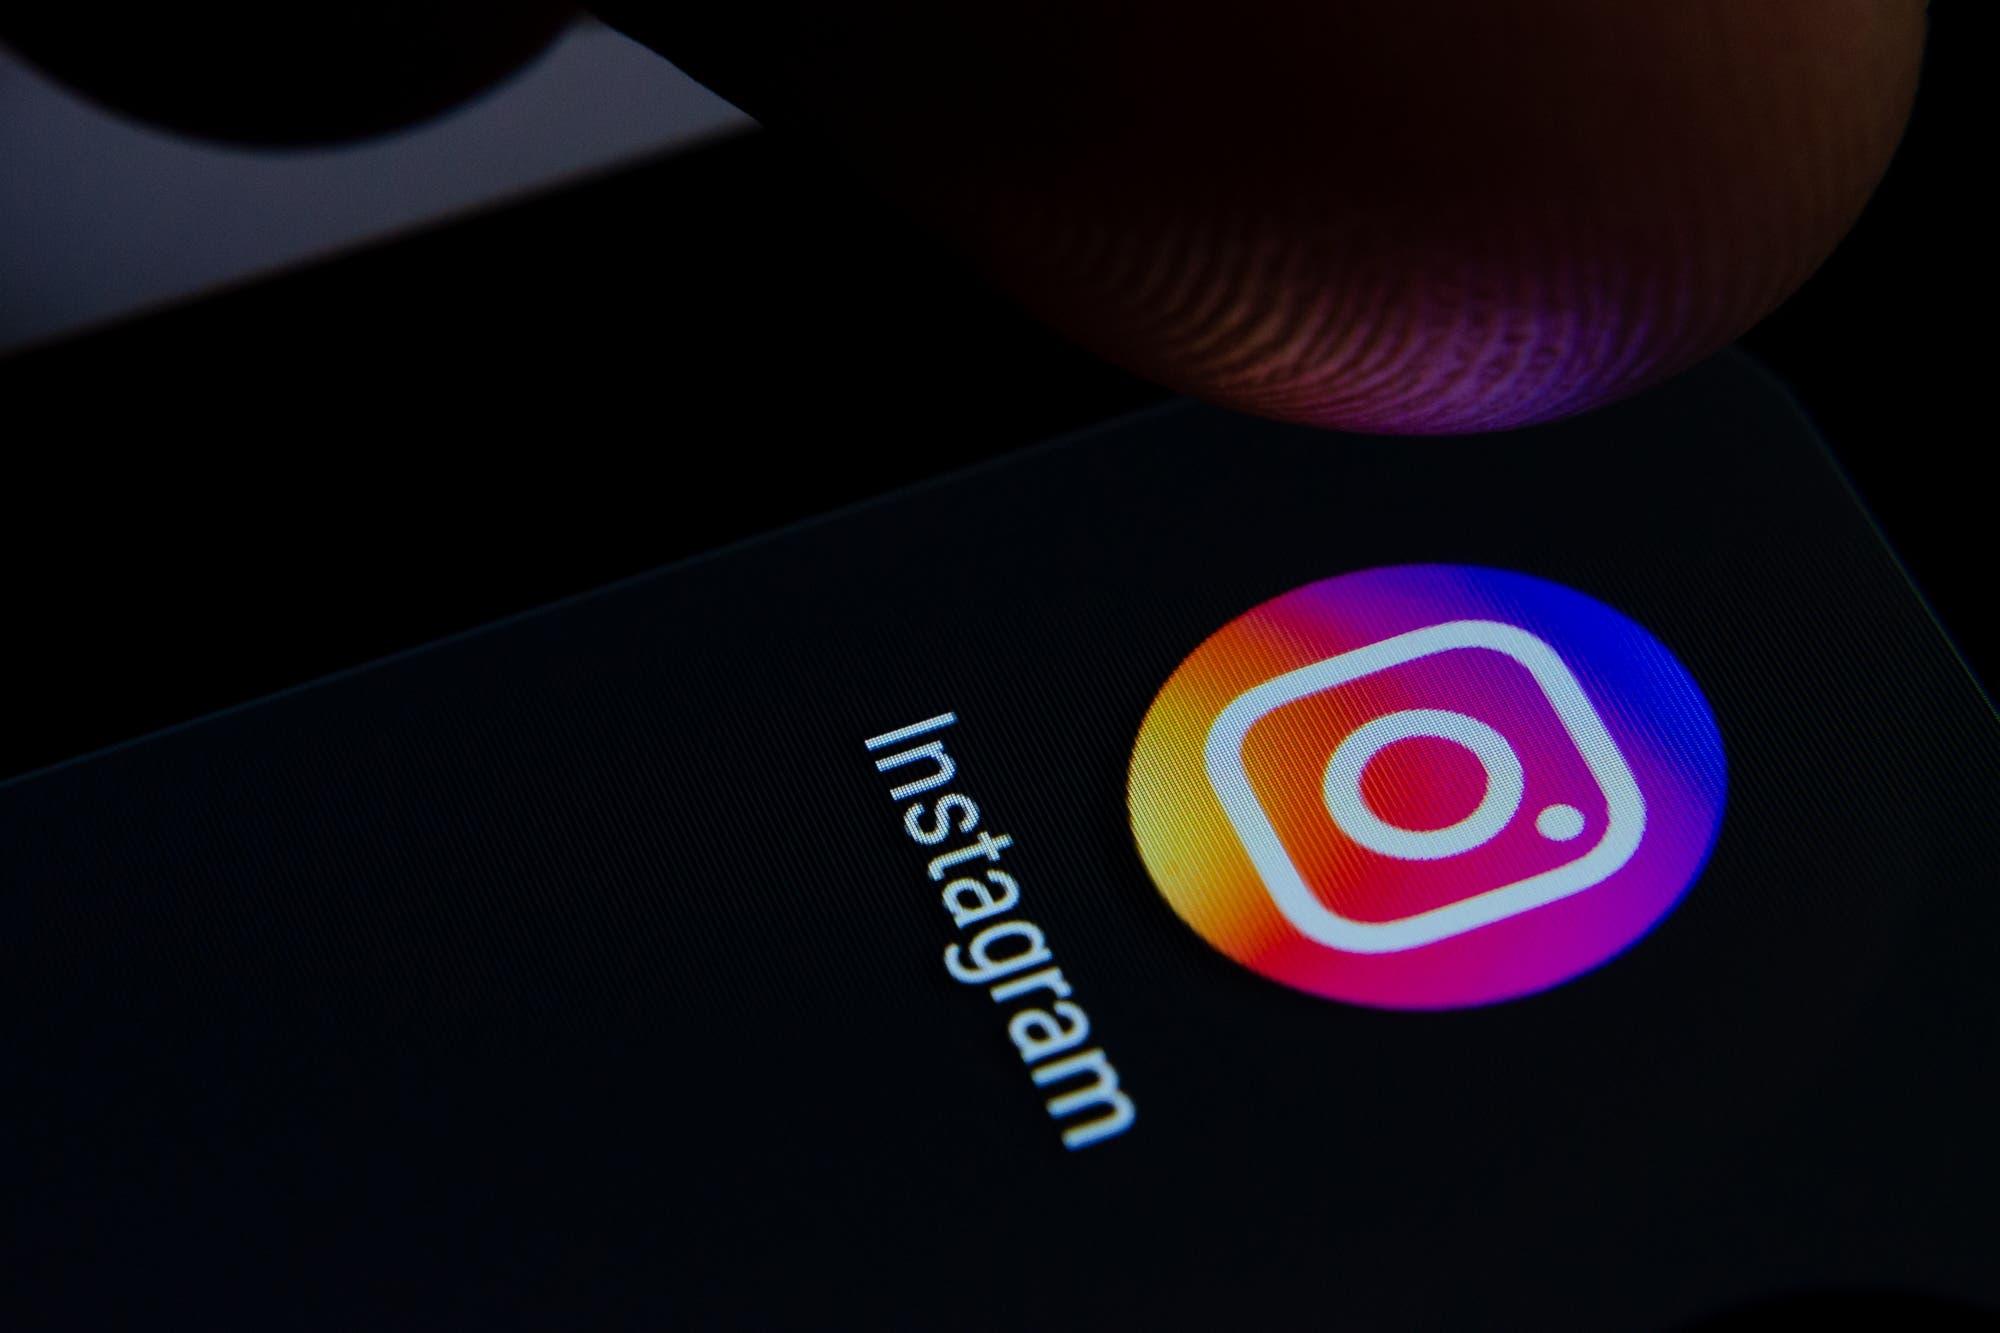 Cómo colocar o poner el Instagram en negro sin activar el modo oscuro